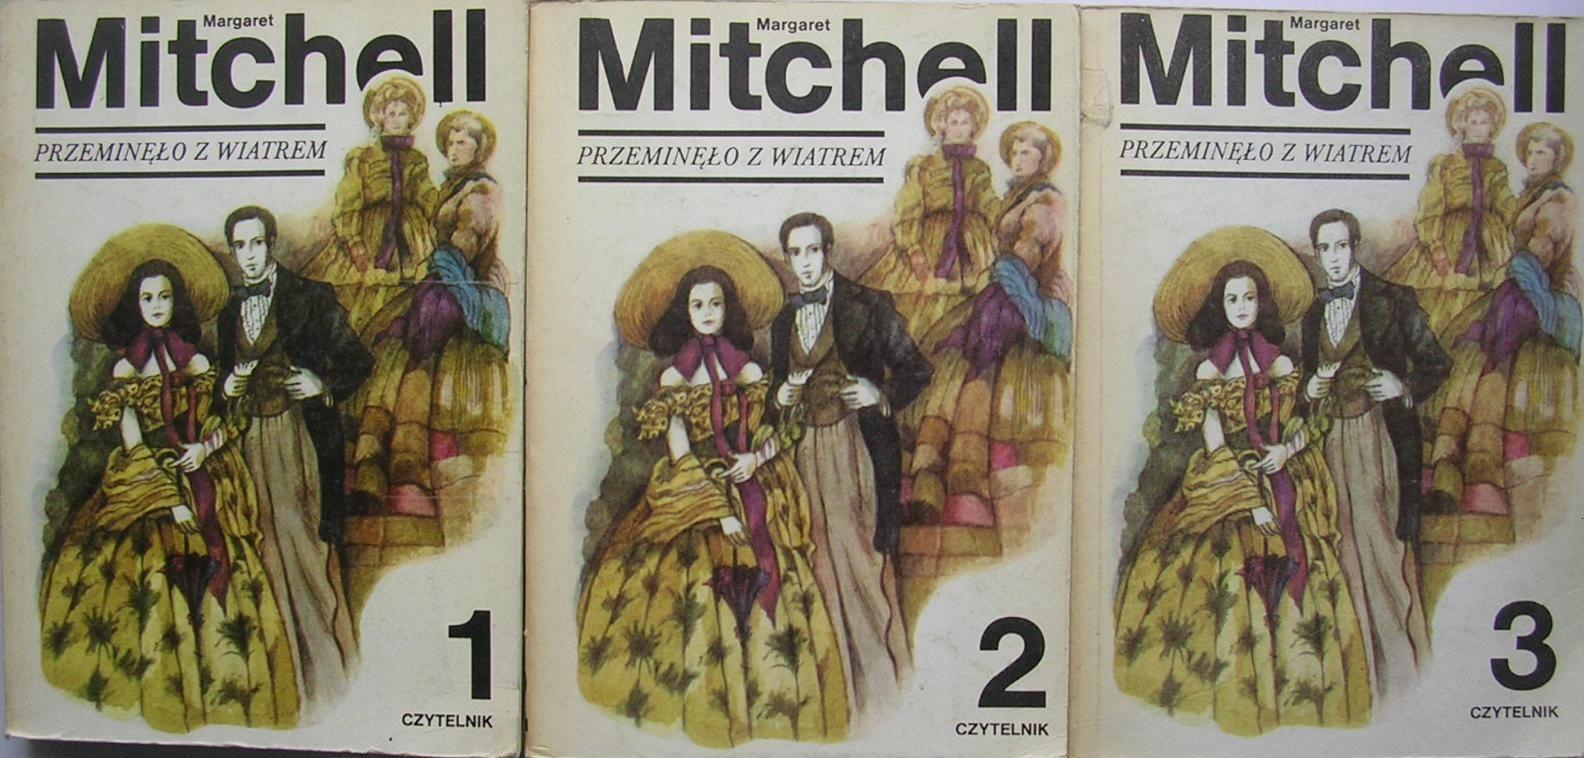 Przeminęło z wiatrem t. 1 -3 komplet Mitchell